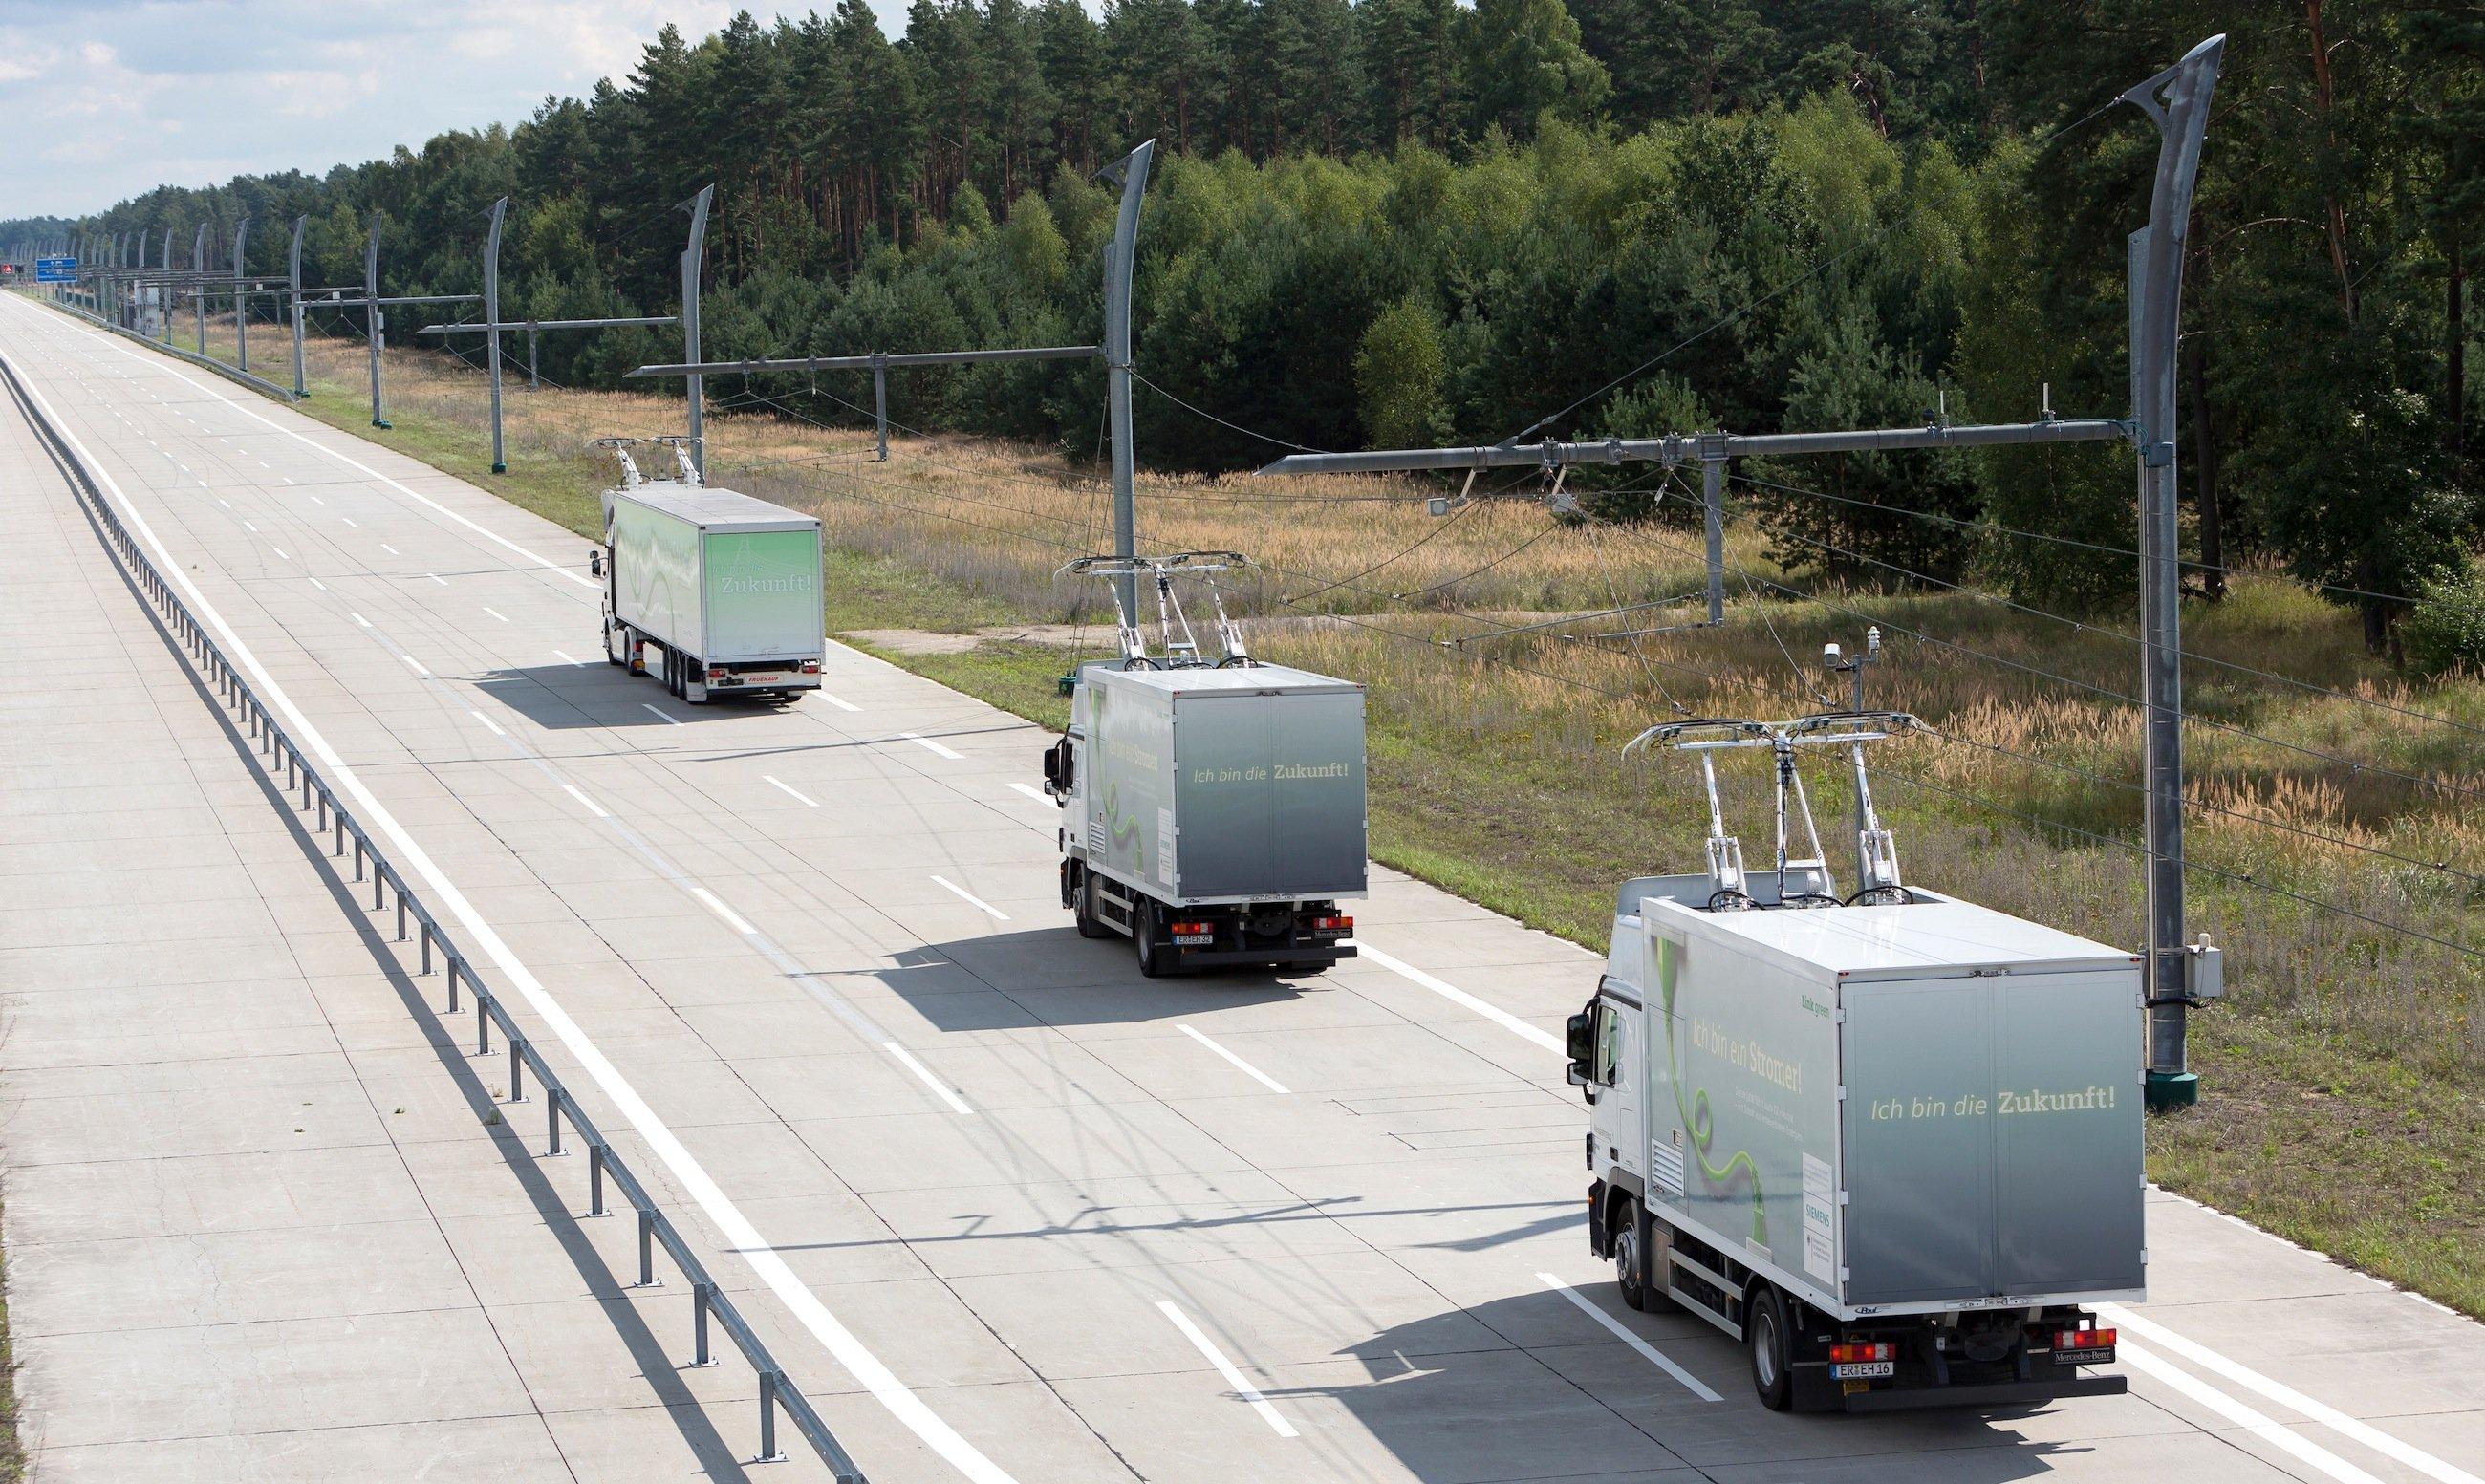 Teststrecke mit Oberleitung in Groß Dölln in Brandenburg: Mit Hybrid-Lkw will Siemens zusammen mit Volvo auf dem Interstate-Highway 710 in den USA zwischen den Häfen an der kalifornischen Küste und dem 30 km entfernten Eisenbahn-Umschlagzentrum einen emissionsfreien Shuttleverkehr mit E-Trucks aufbauen.